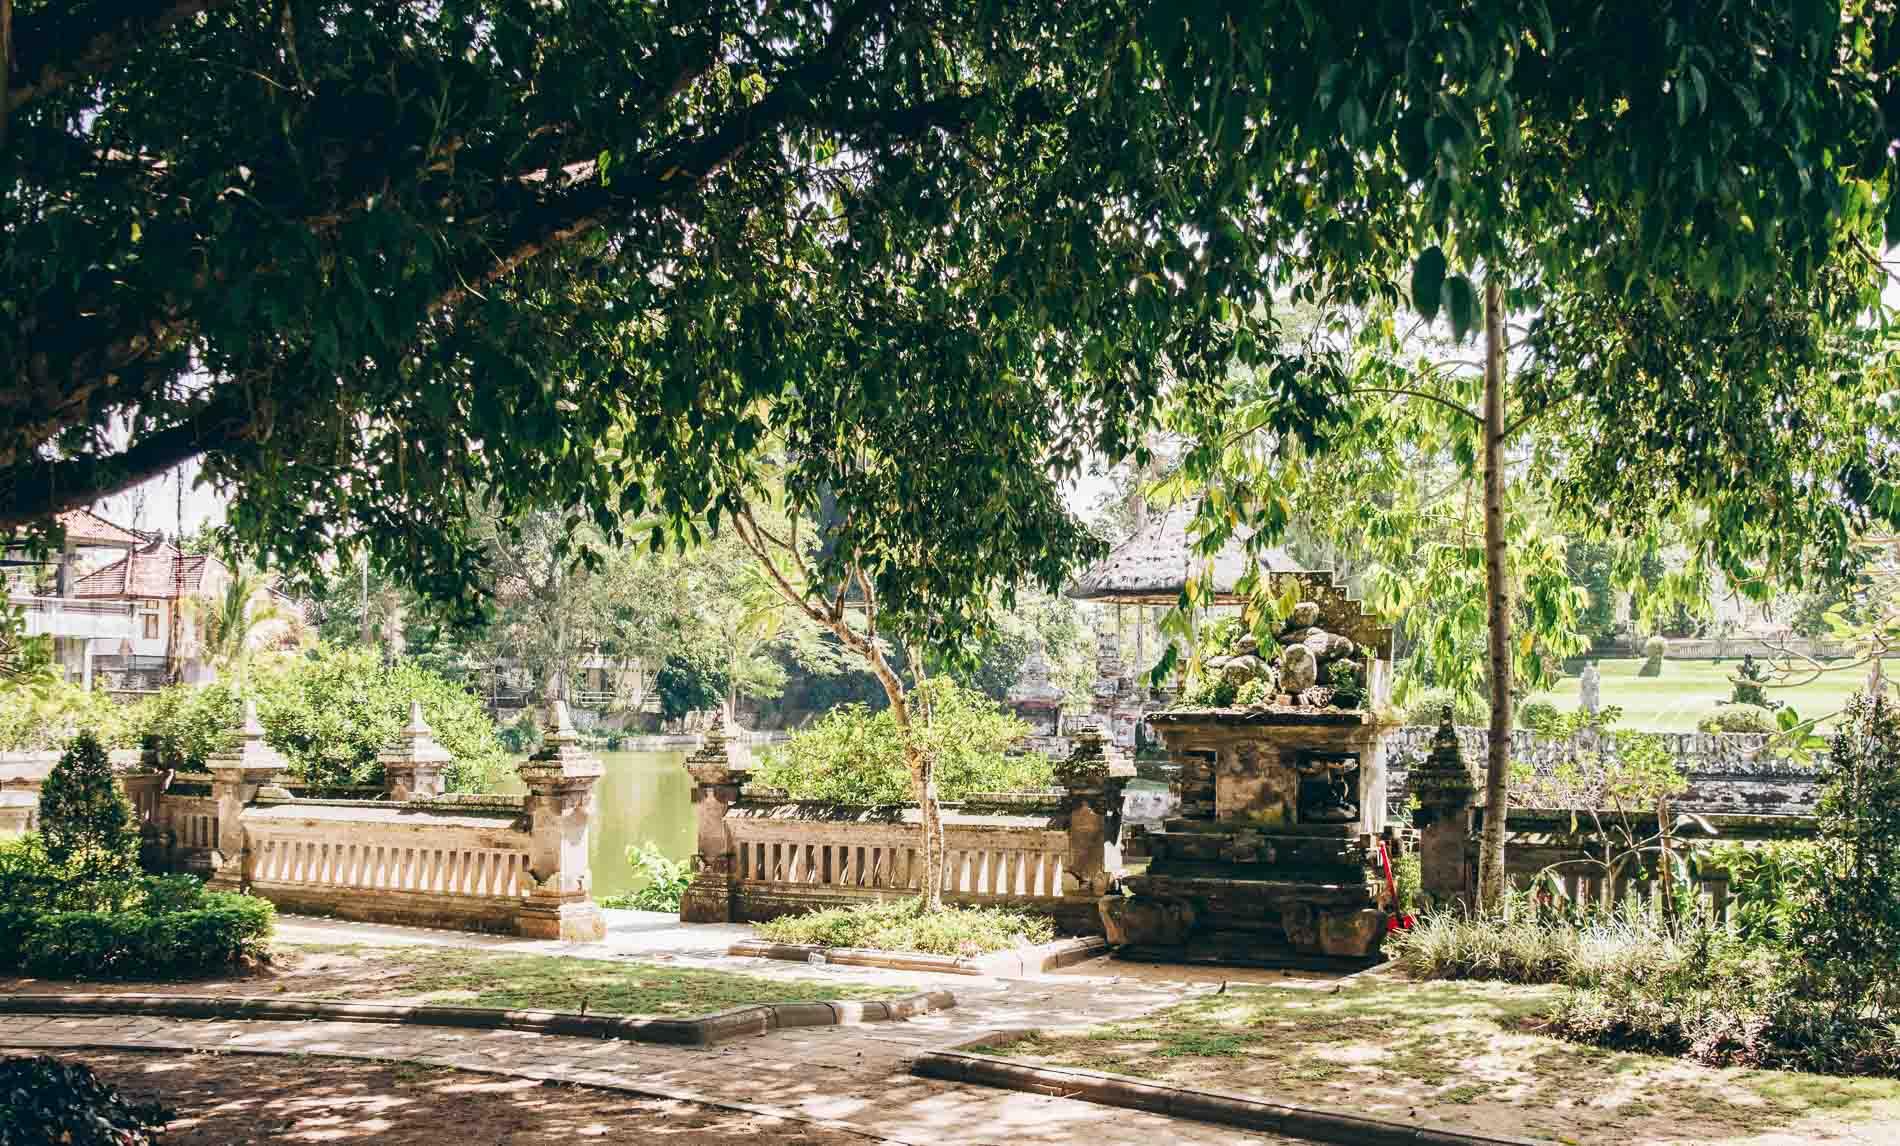 entrée du temple Taman Ayun dans la partie centrale de Bali